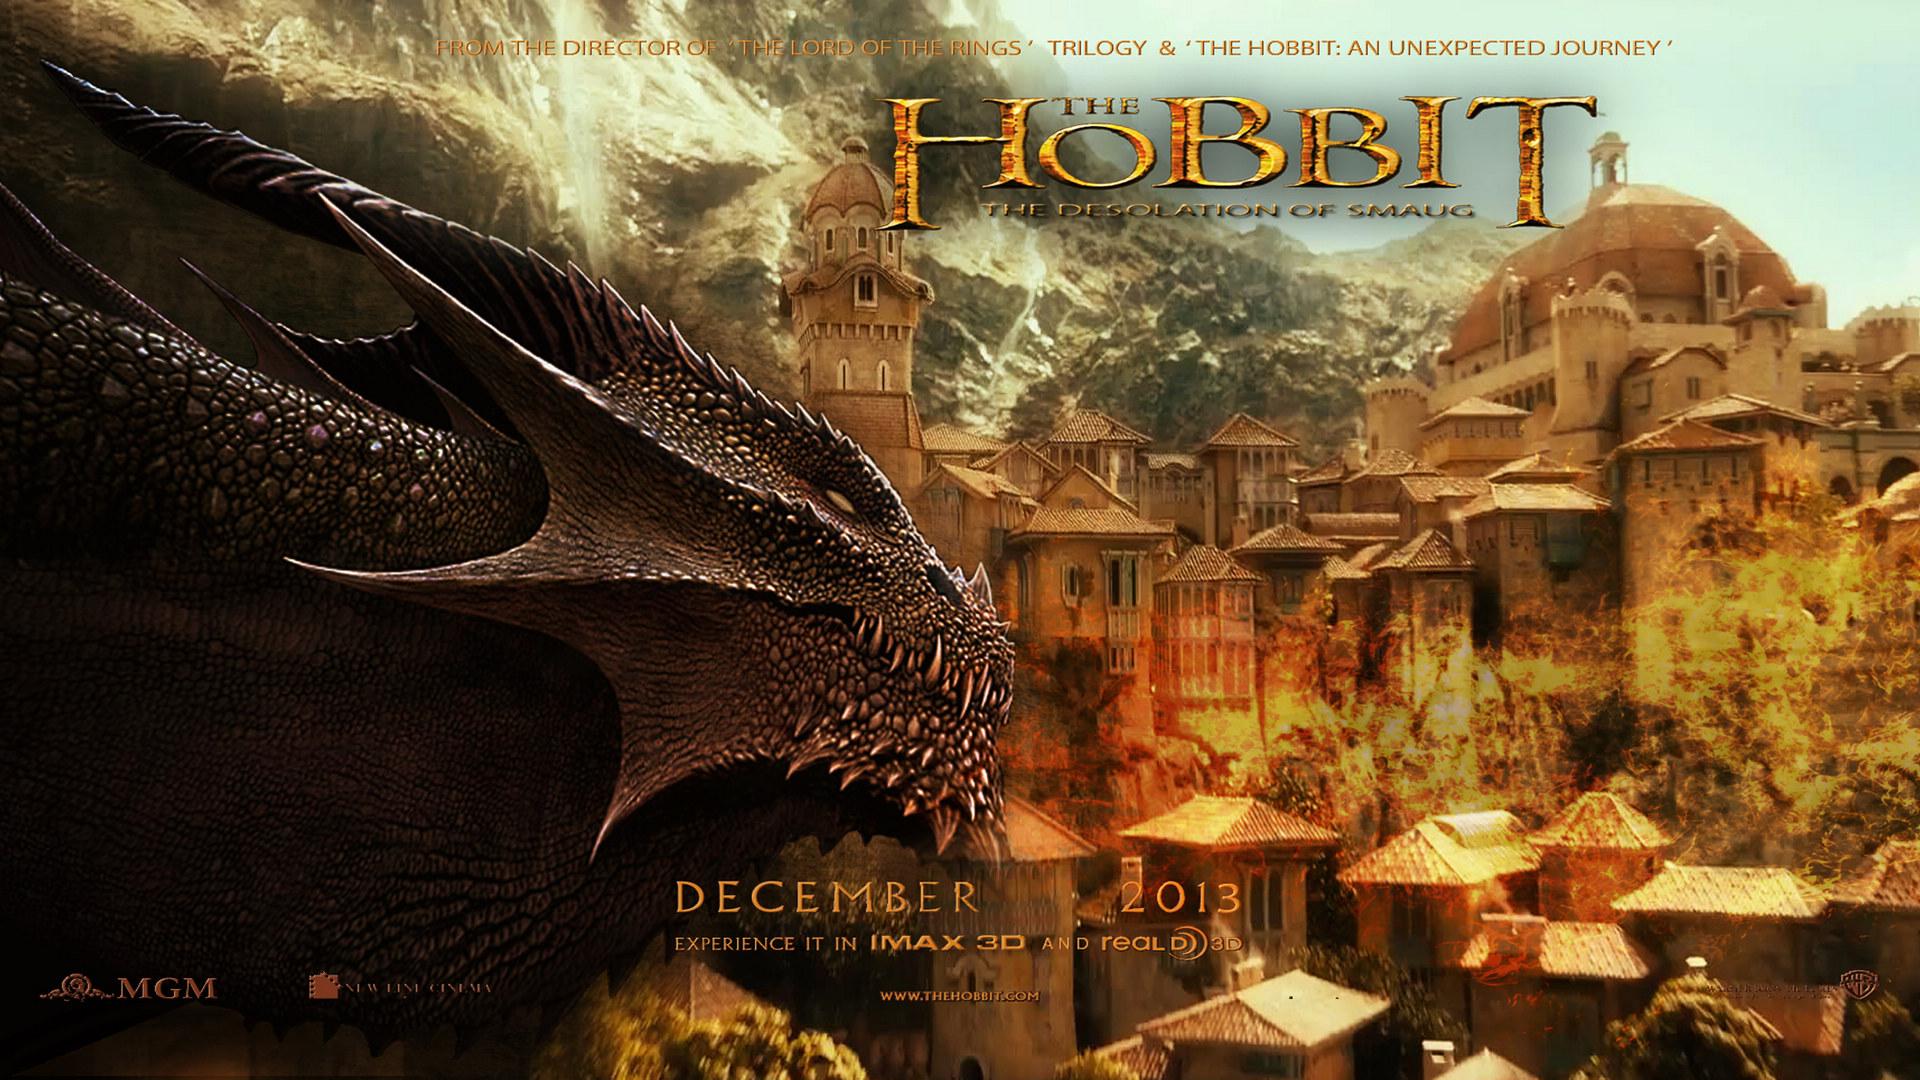 the hobbit 2 desolation of smaug wallpaper smaug image   The 1920x1080